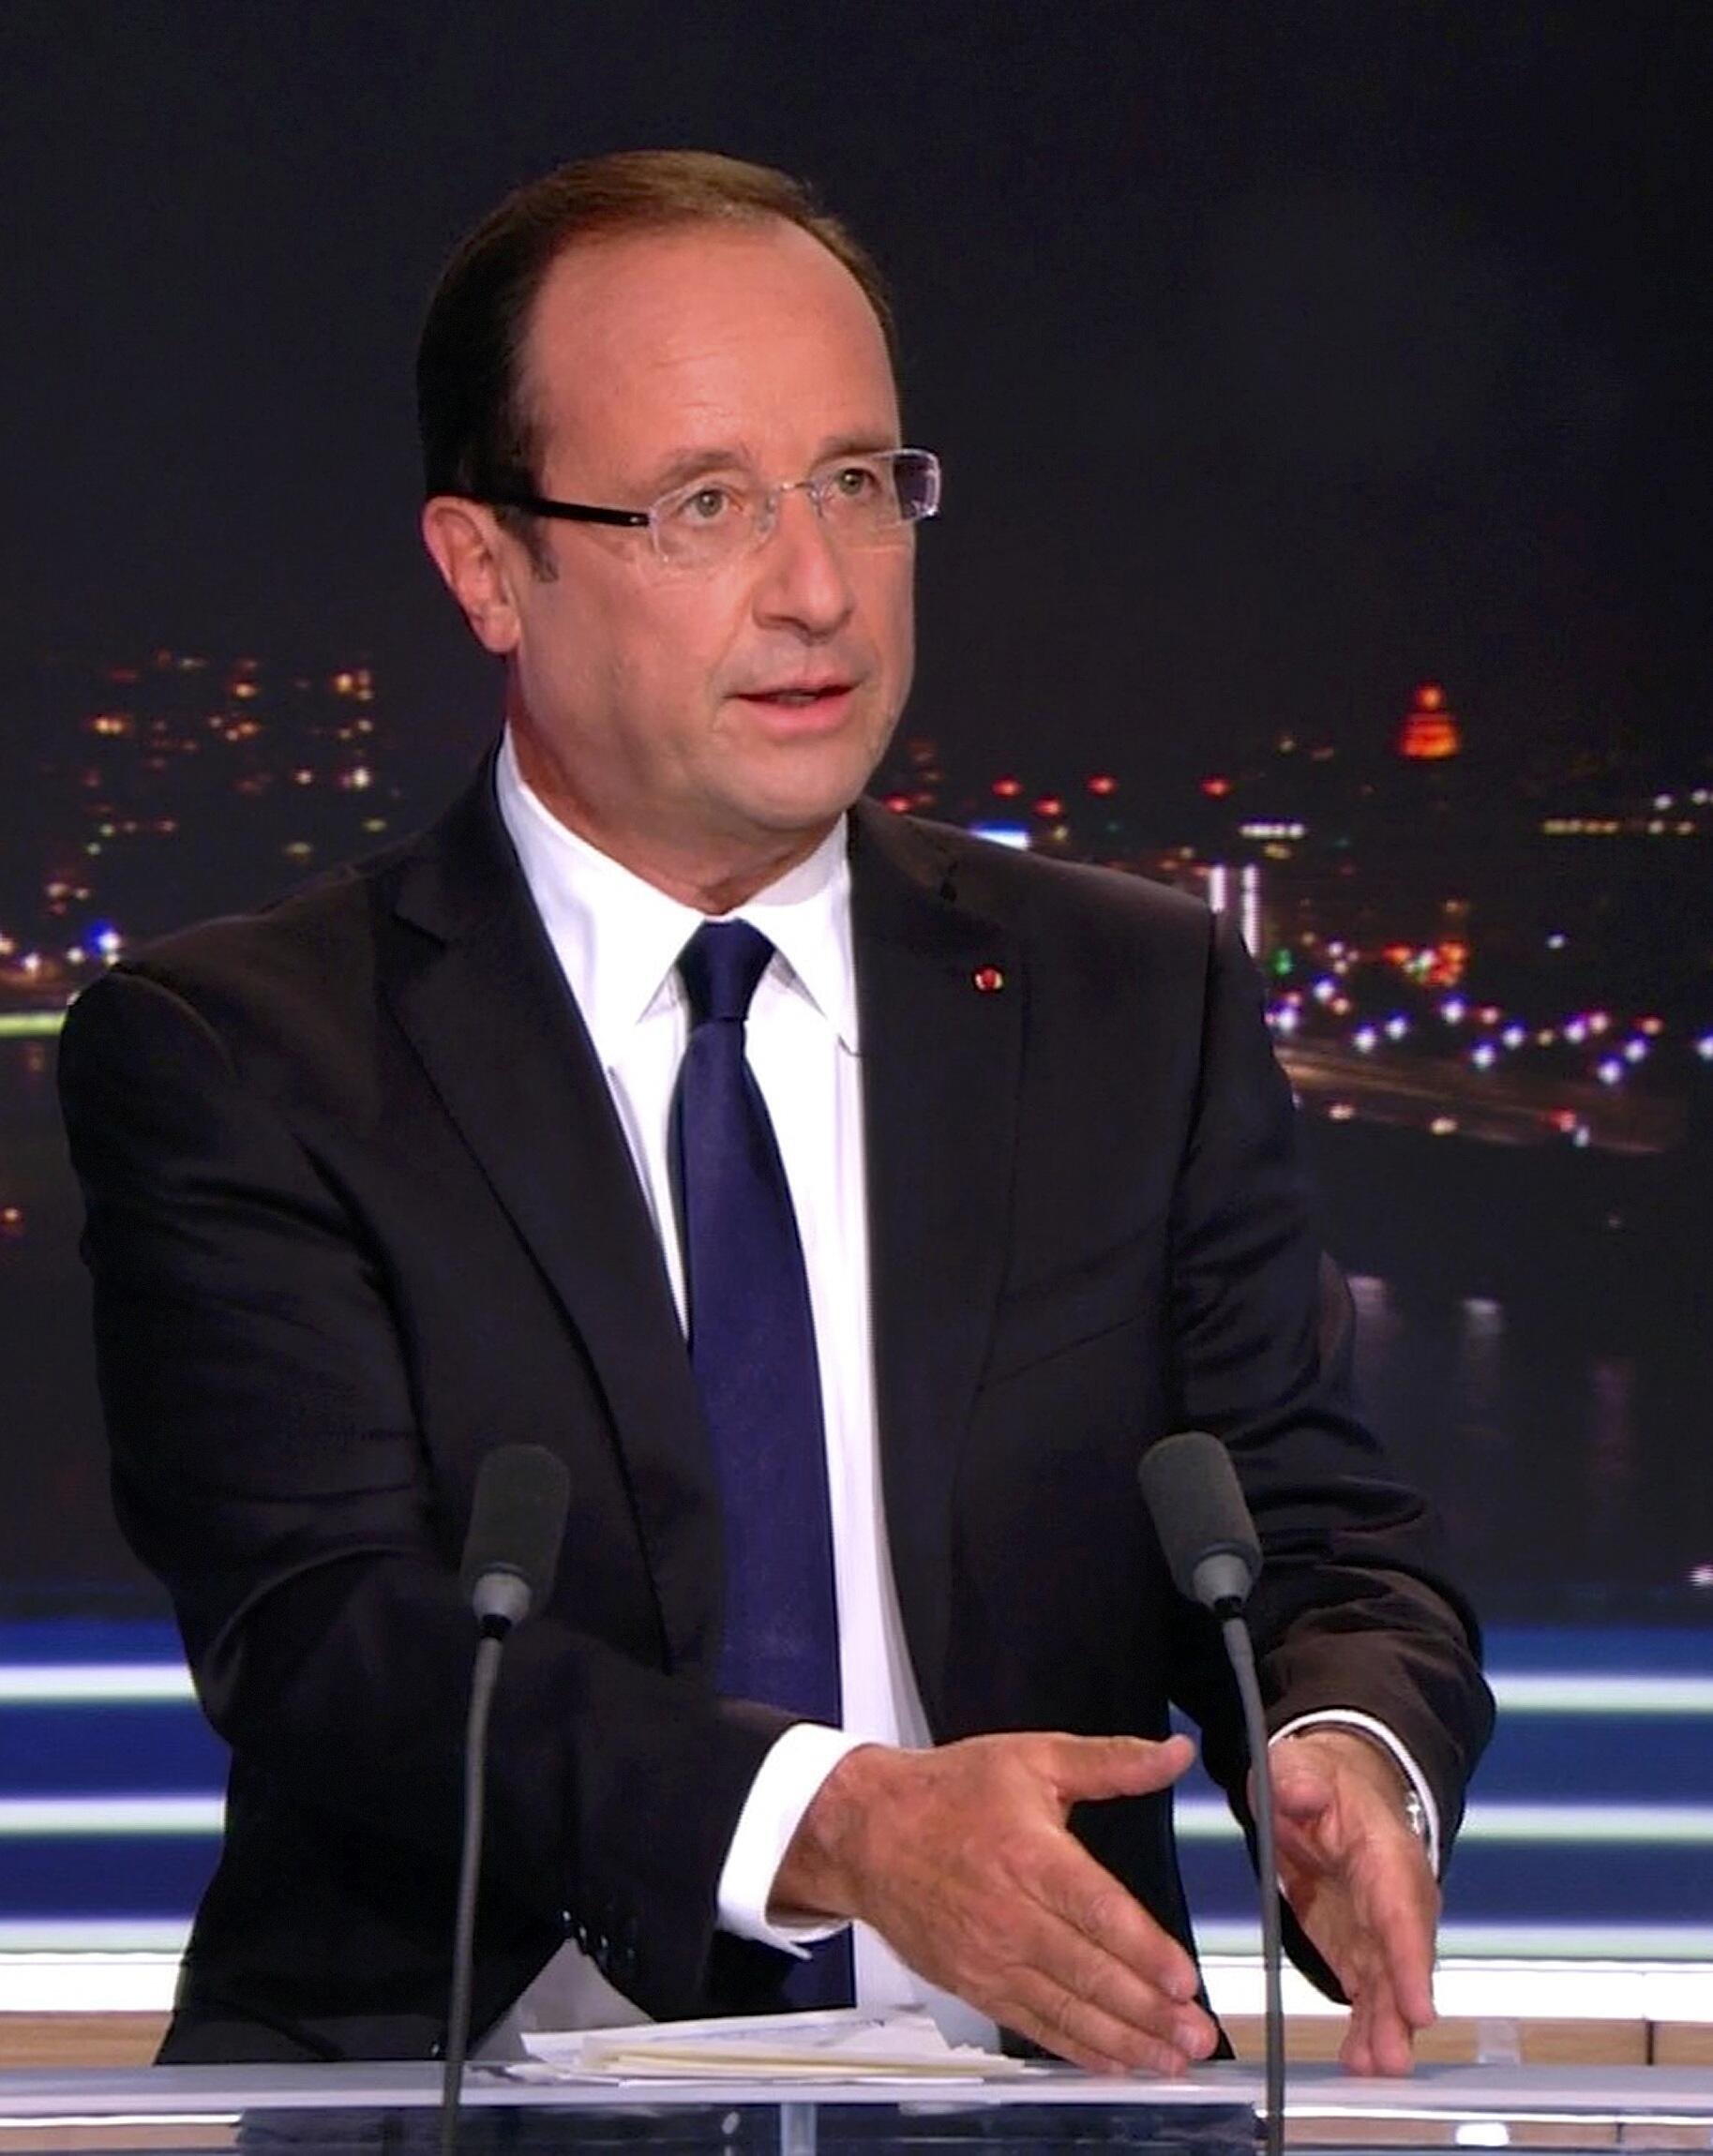 O índice de popularidade do presidente francês, François Hollande, caiu 11 pontos em um mês.